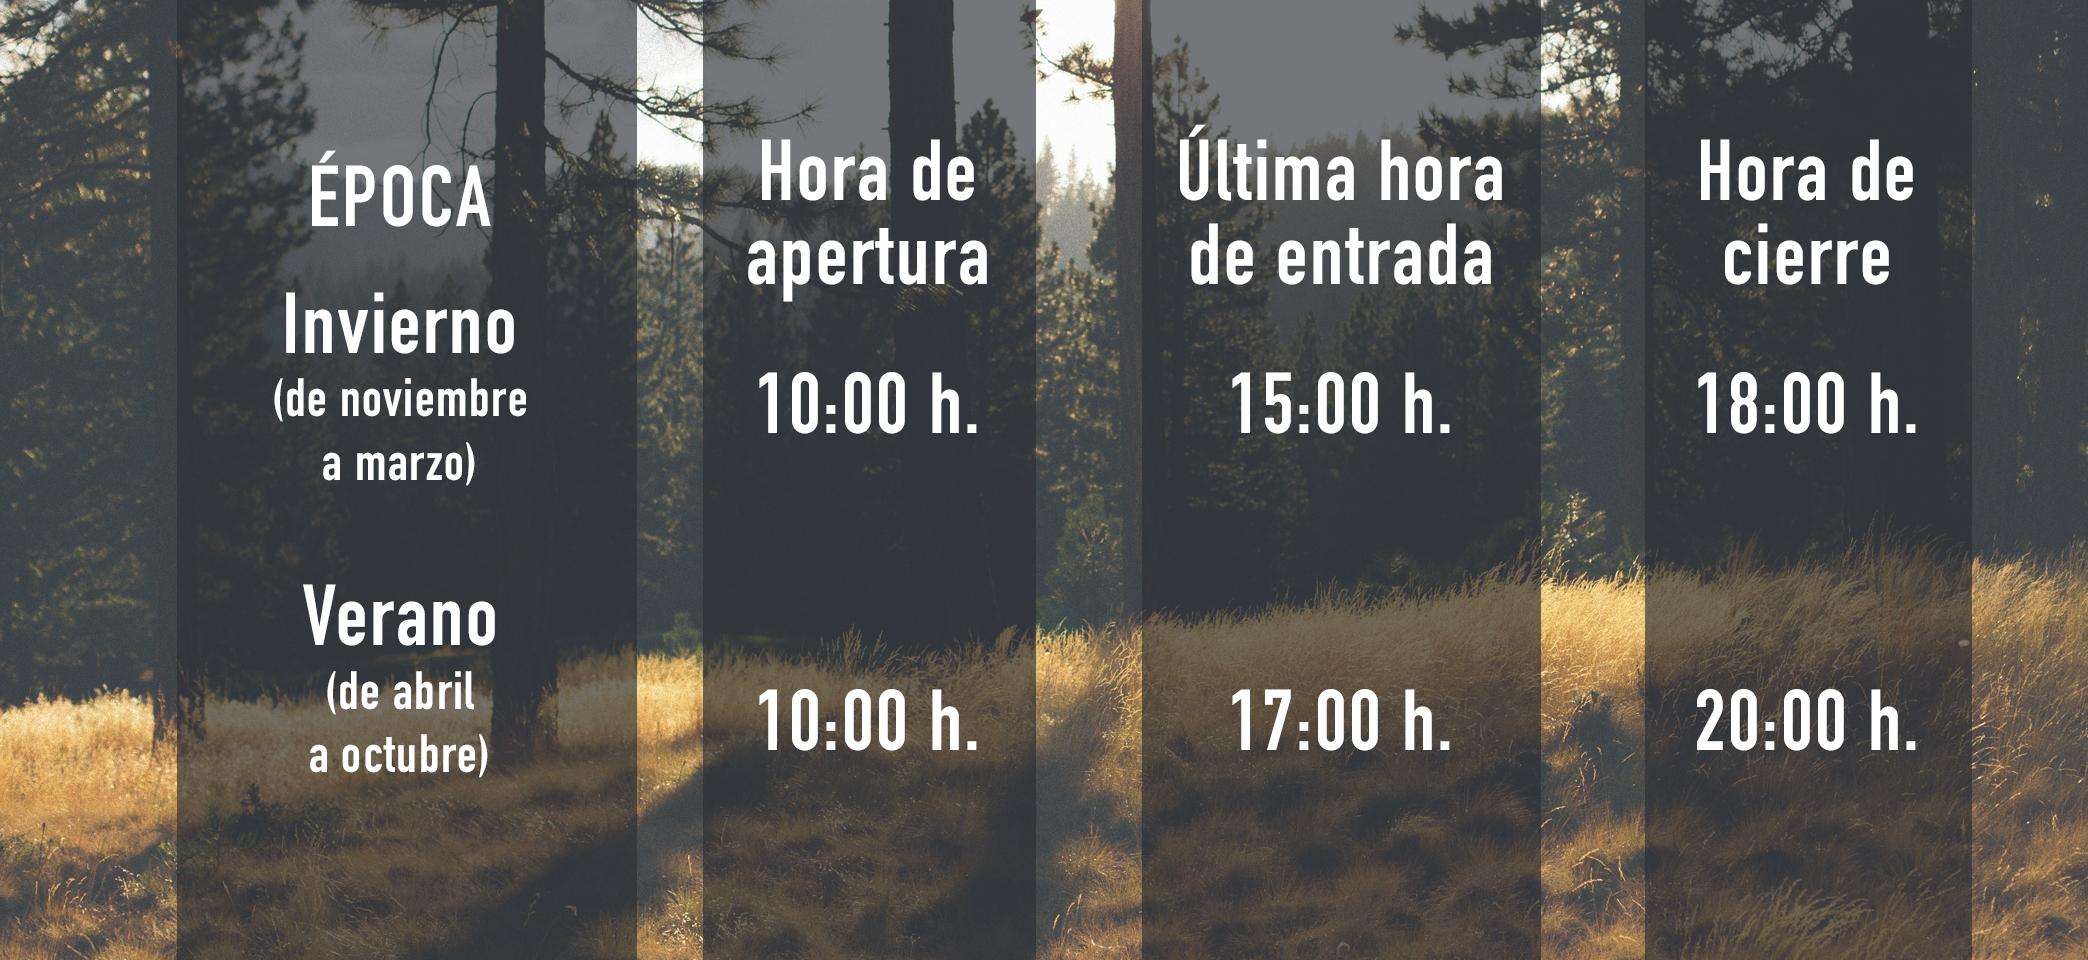 horarios de forestal park Tenerife según la temporada de invierno o verano